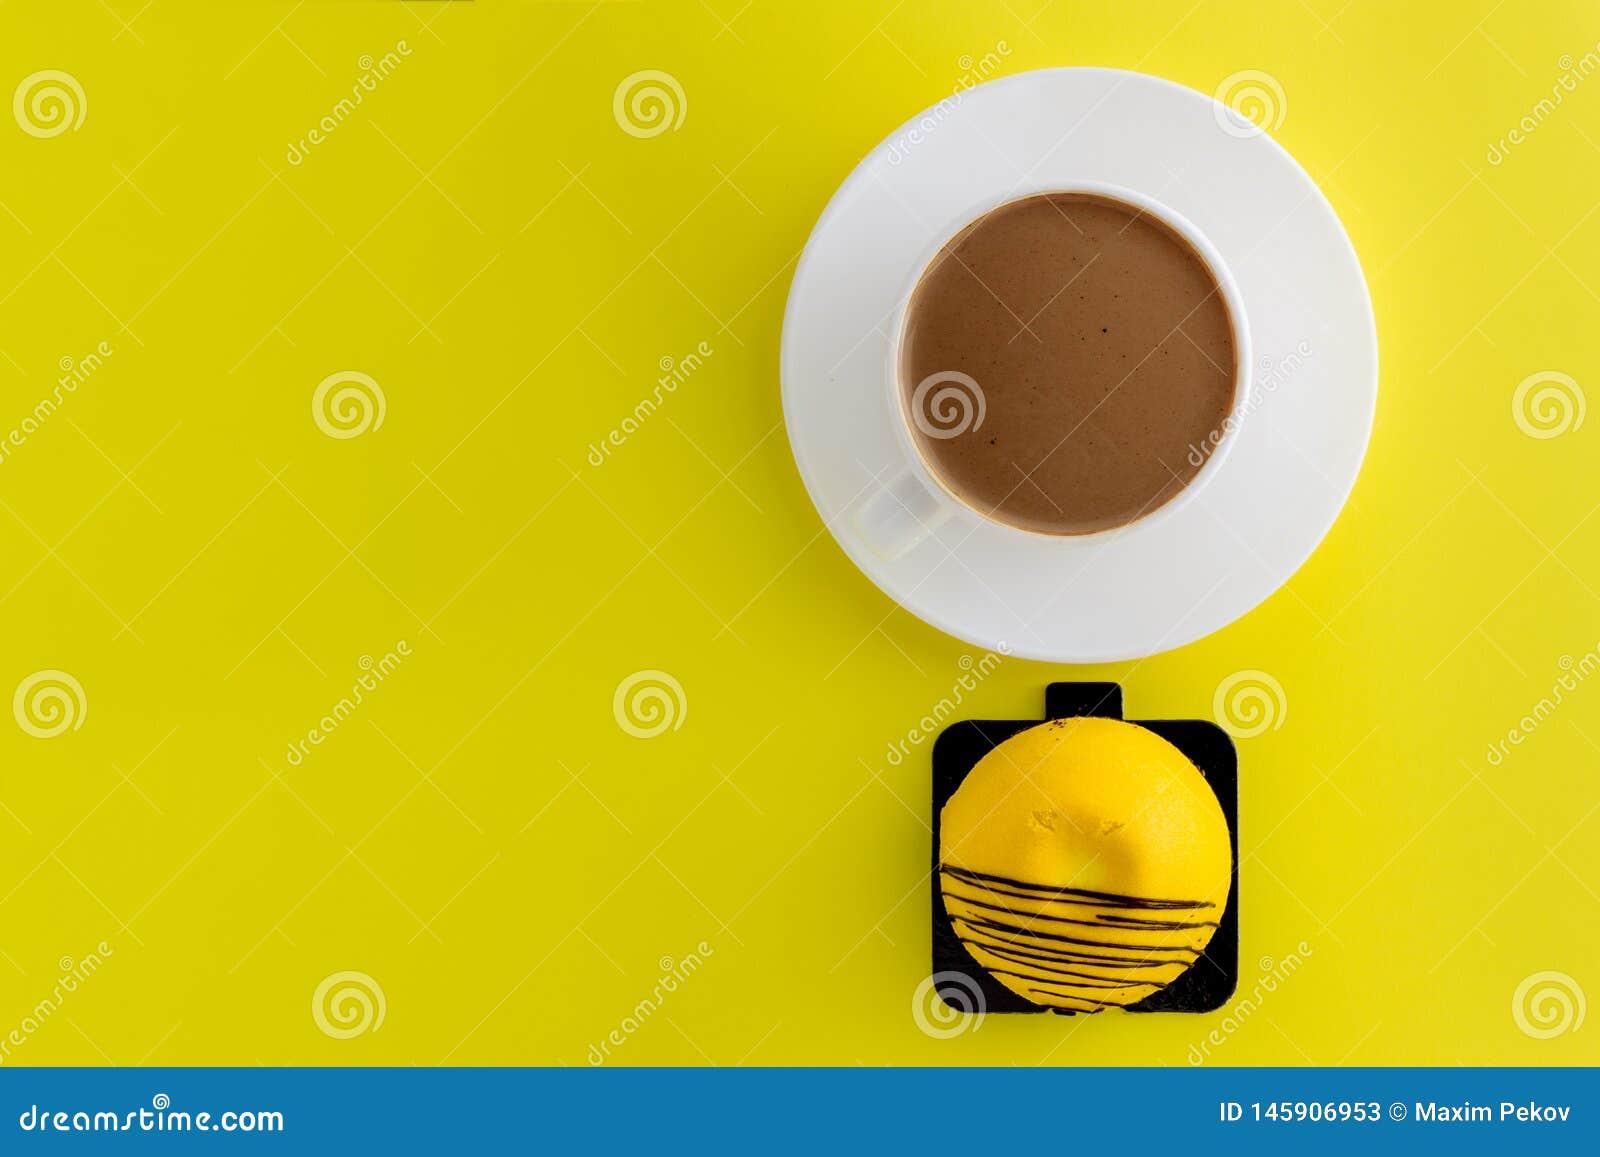 Wei?e Schale hei?er Kaffee lokalisiert auf gelbem Hintergrund